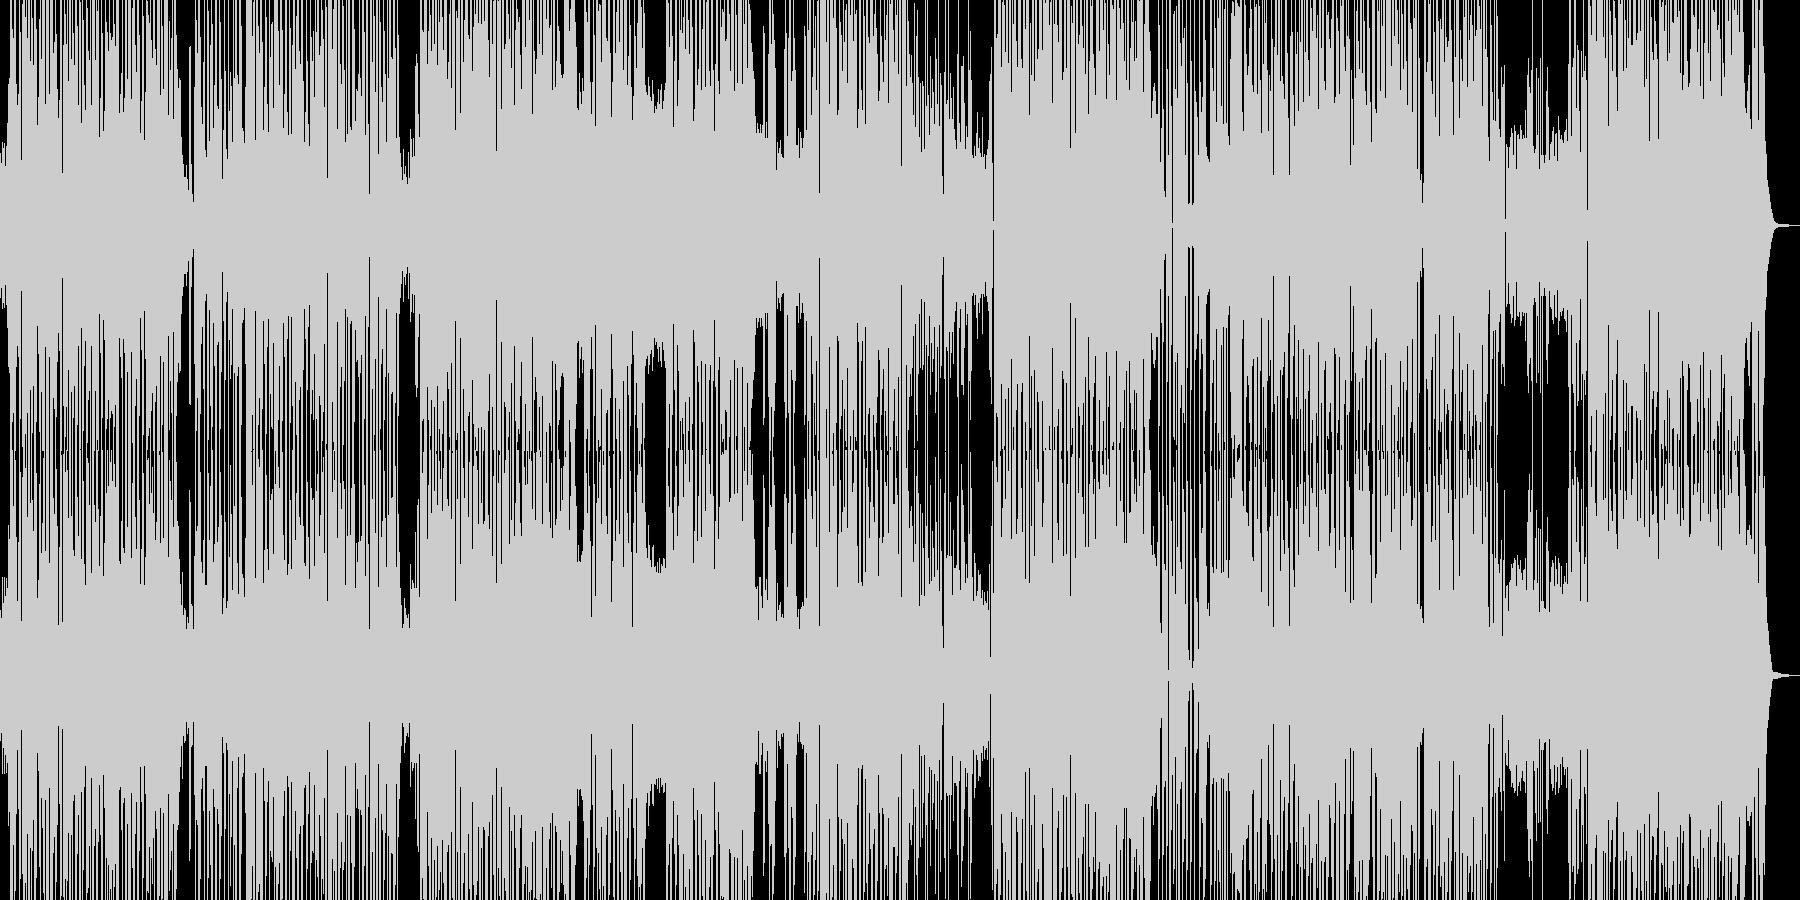 アダルティなダンストラックの未再生の波形